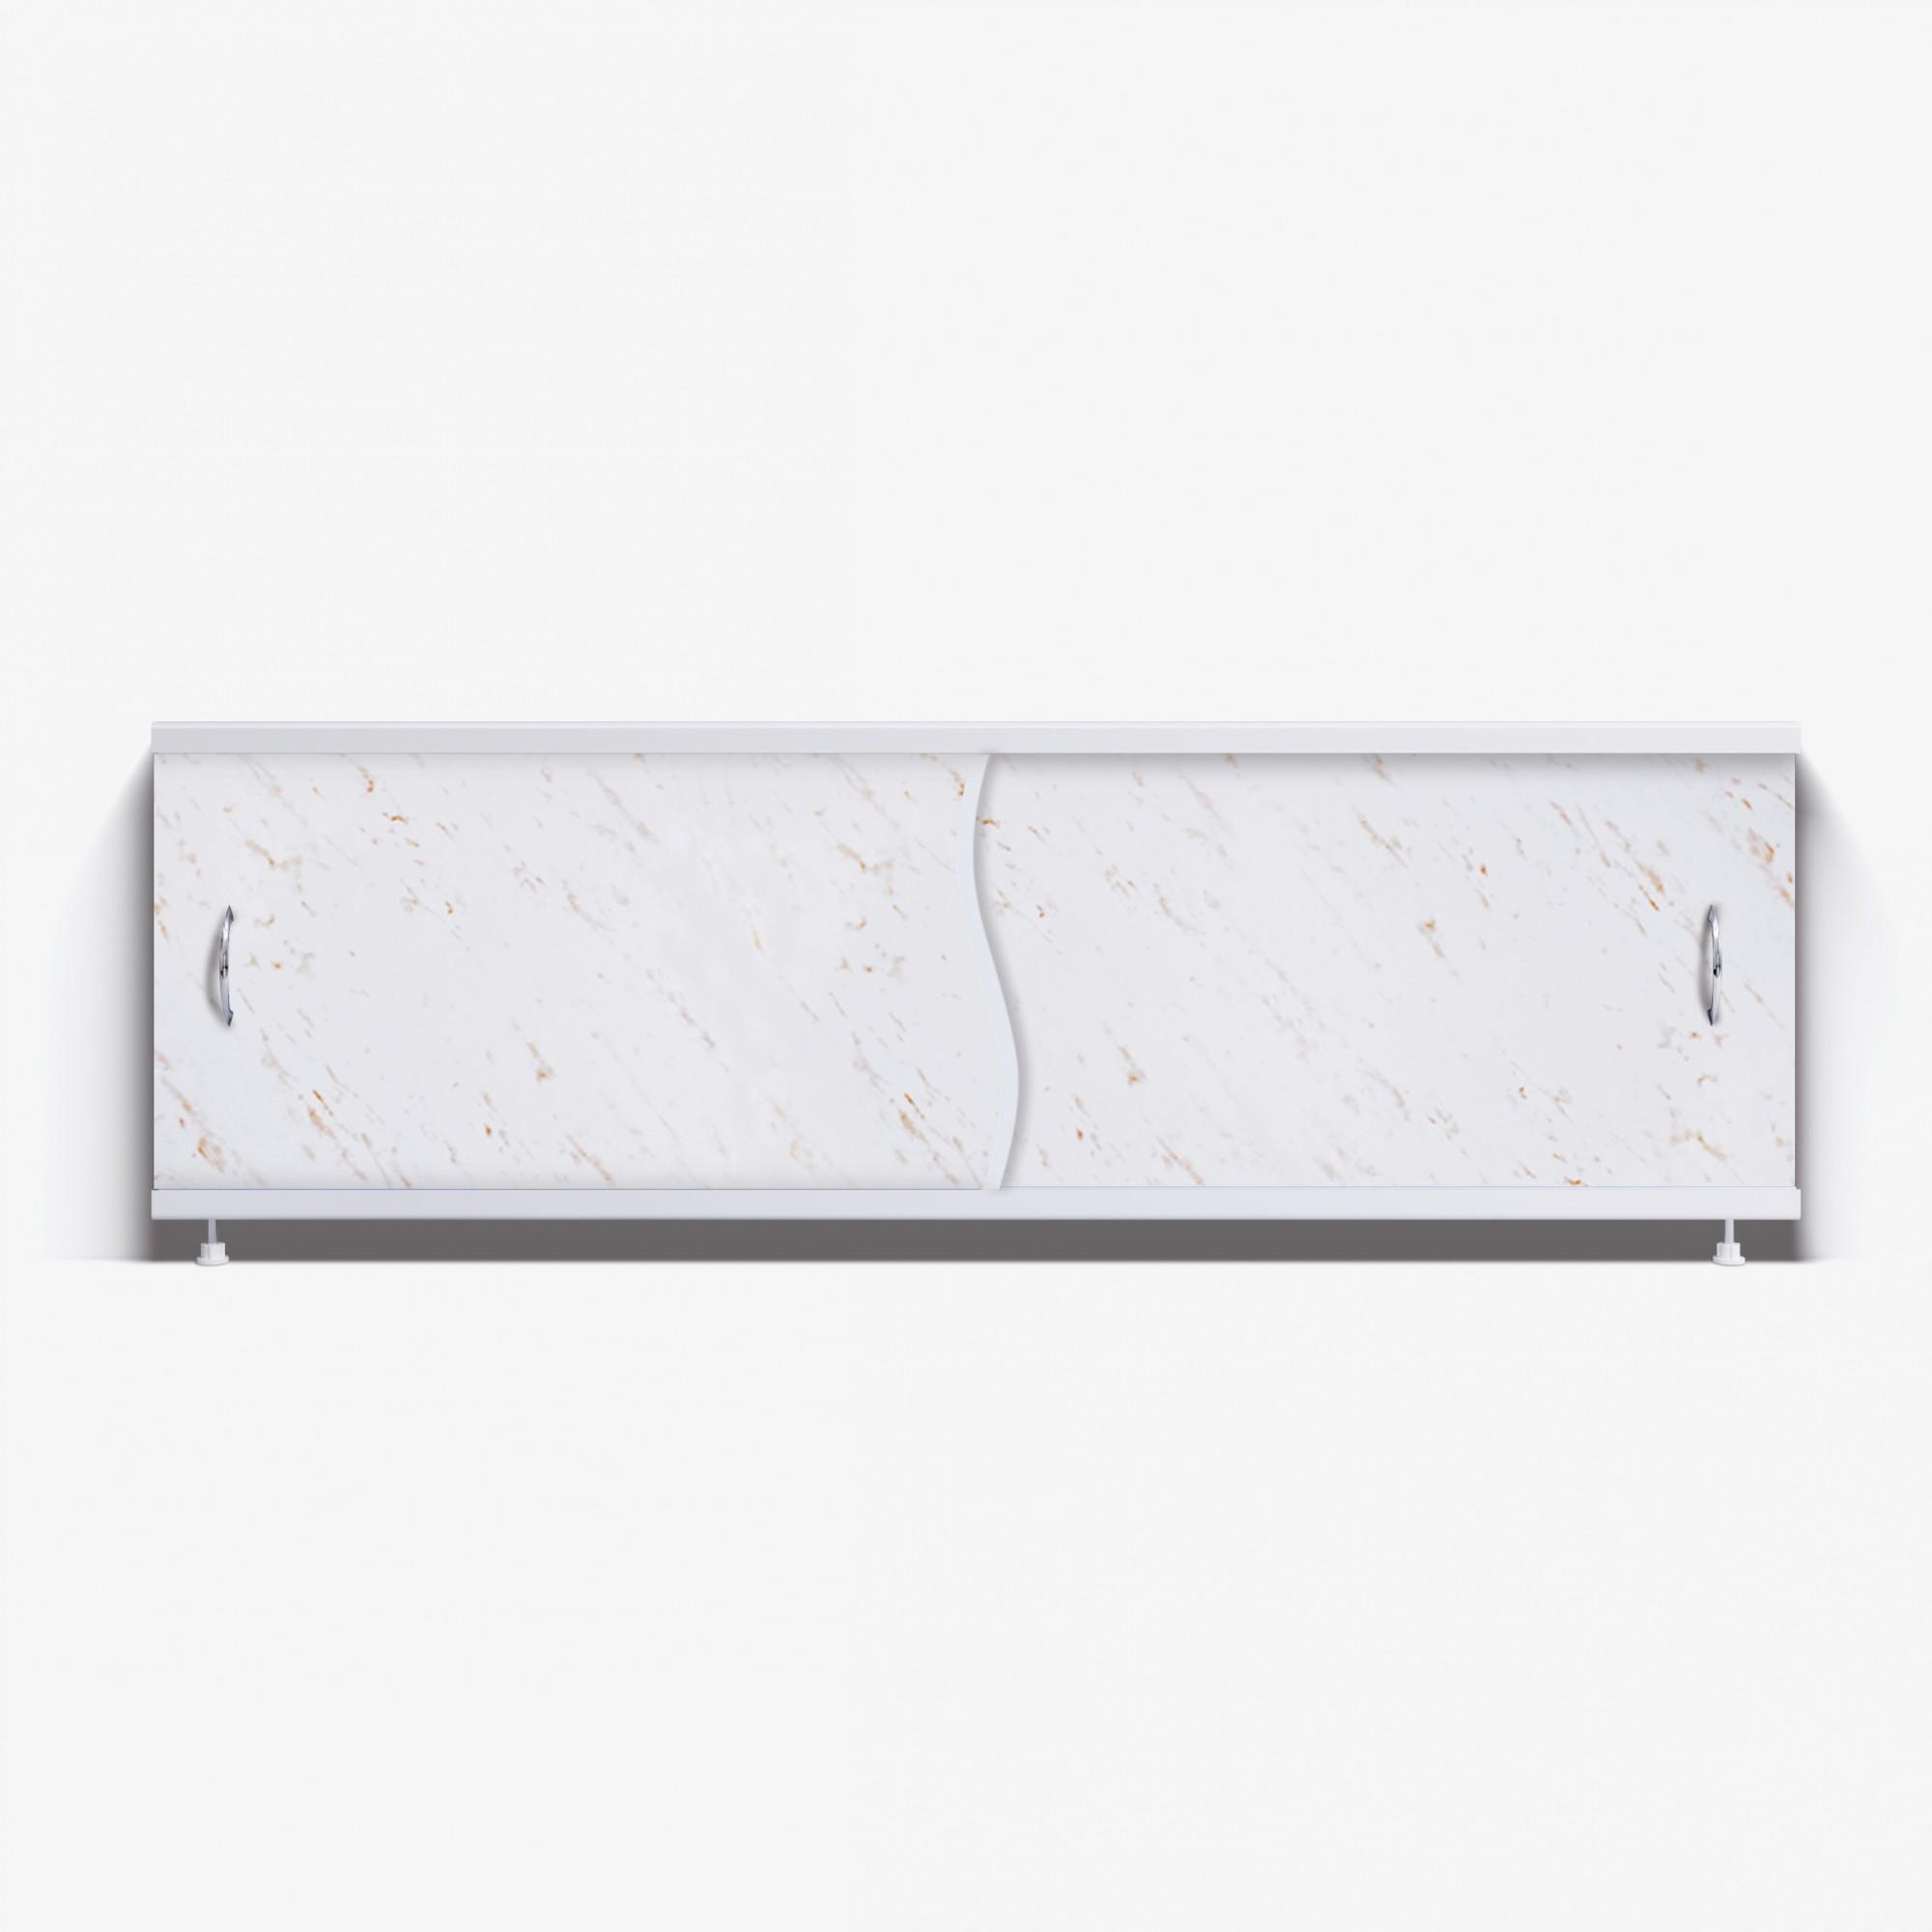 Экран под ванну Премьер 170 бежевые облака